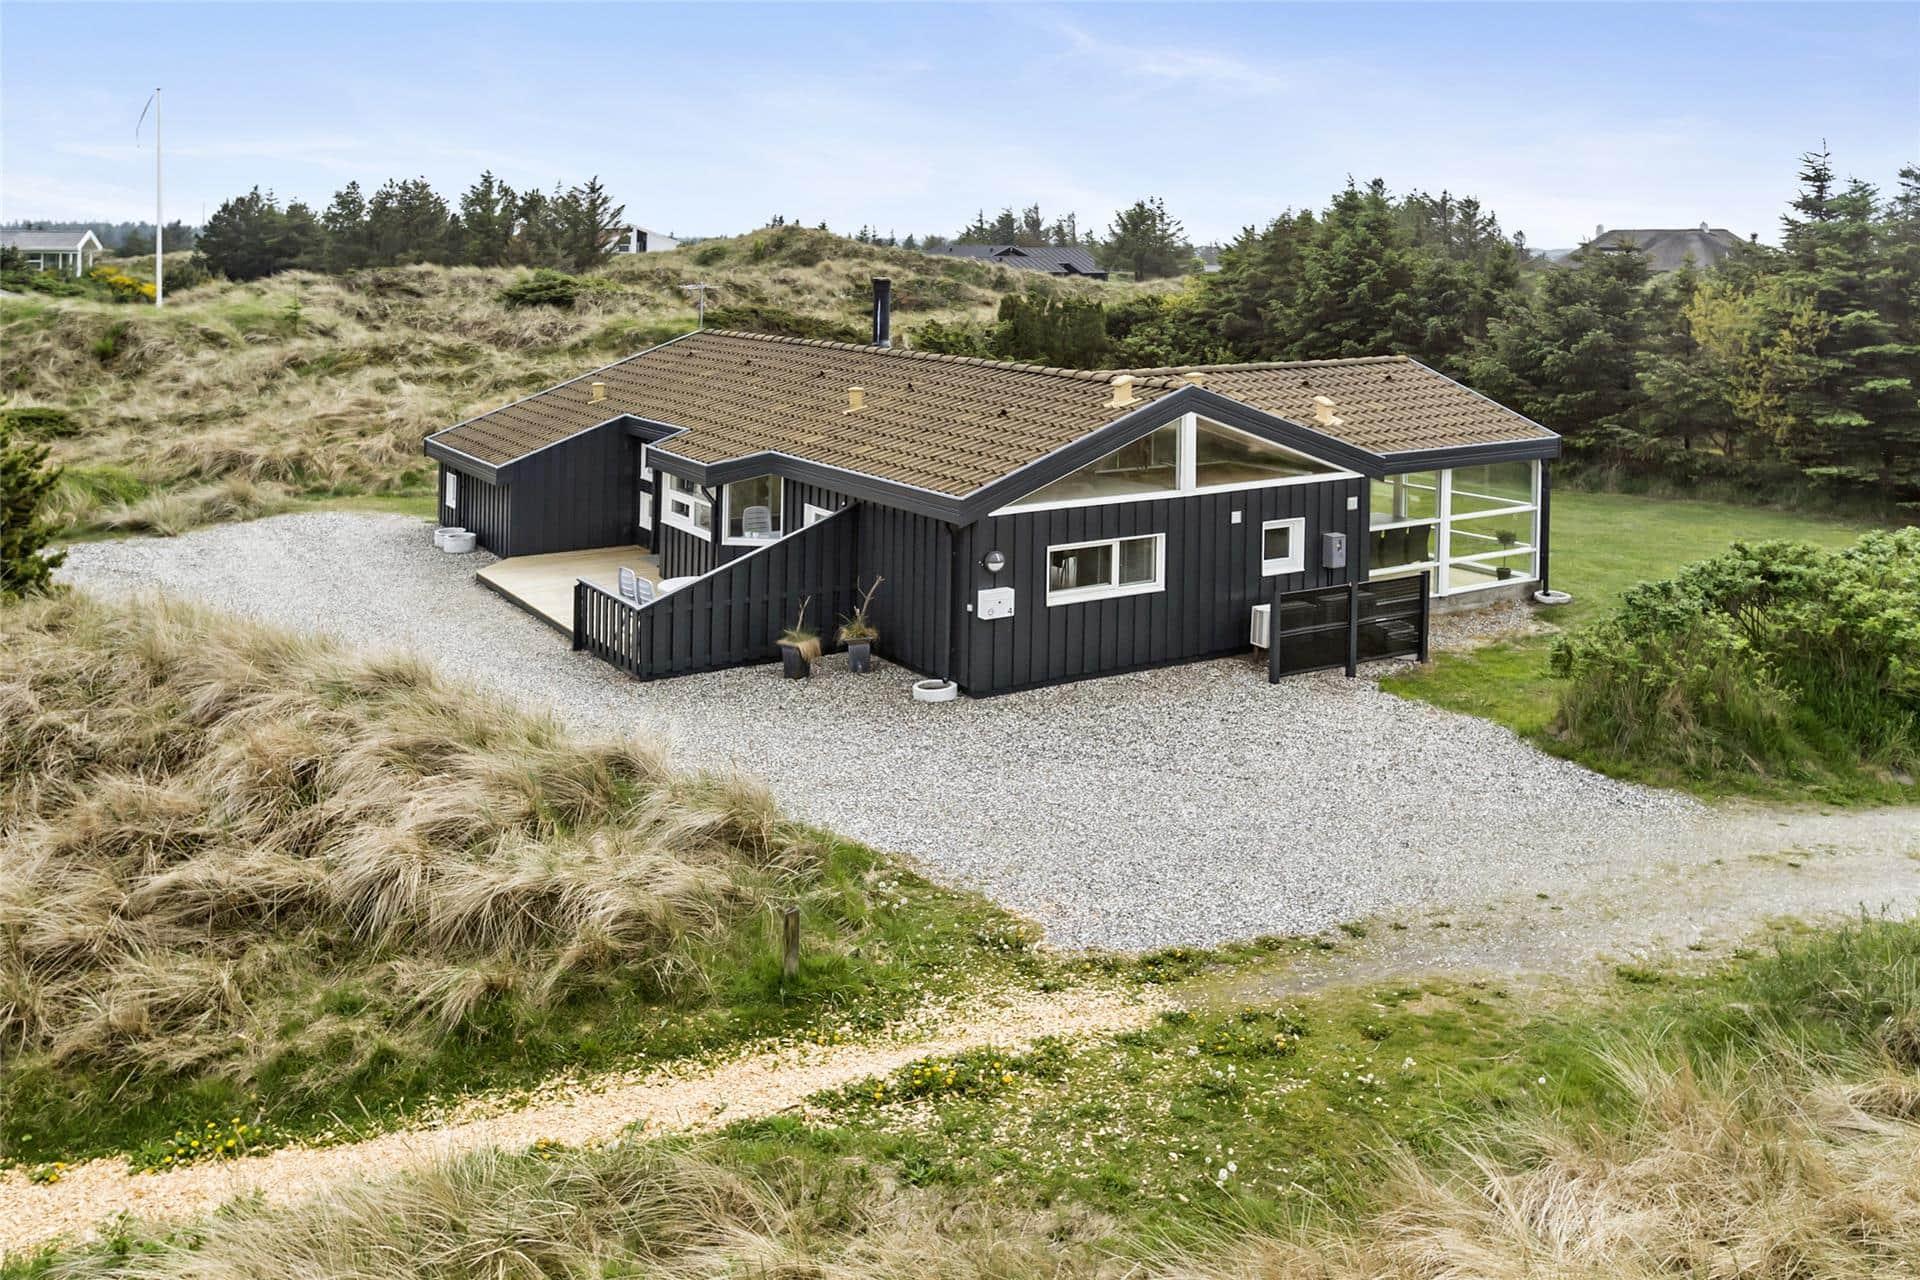 Billede 1-14 Sommerhus 1138, Minthøjvej 4, DK - 9492 Blokhus